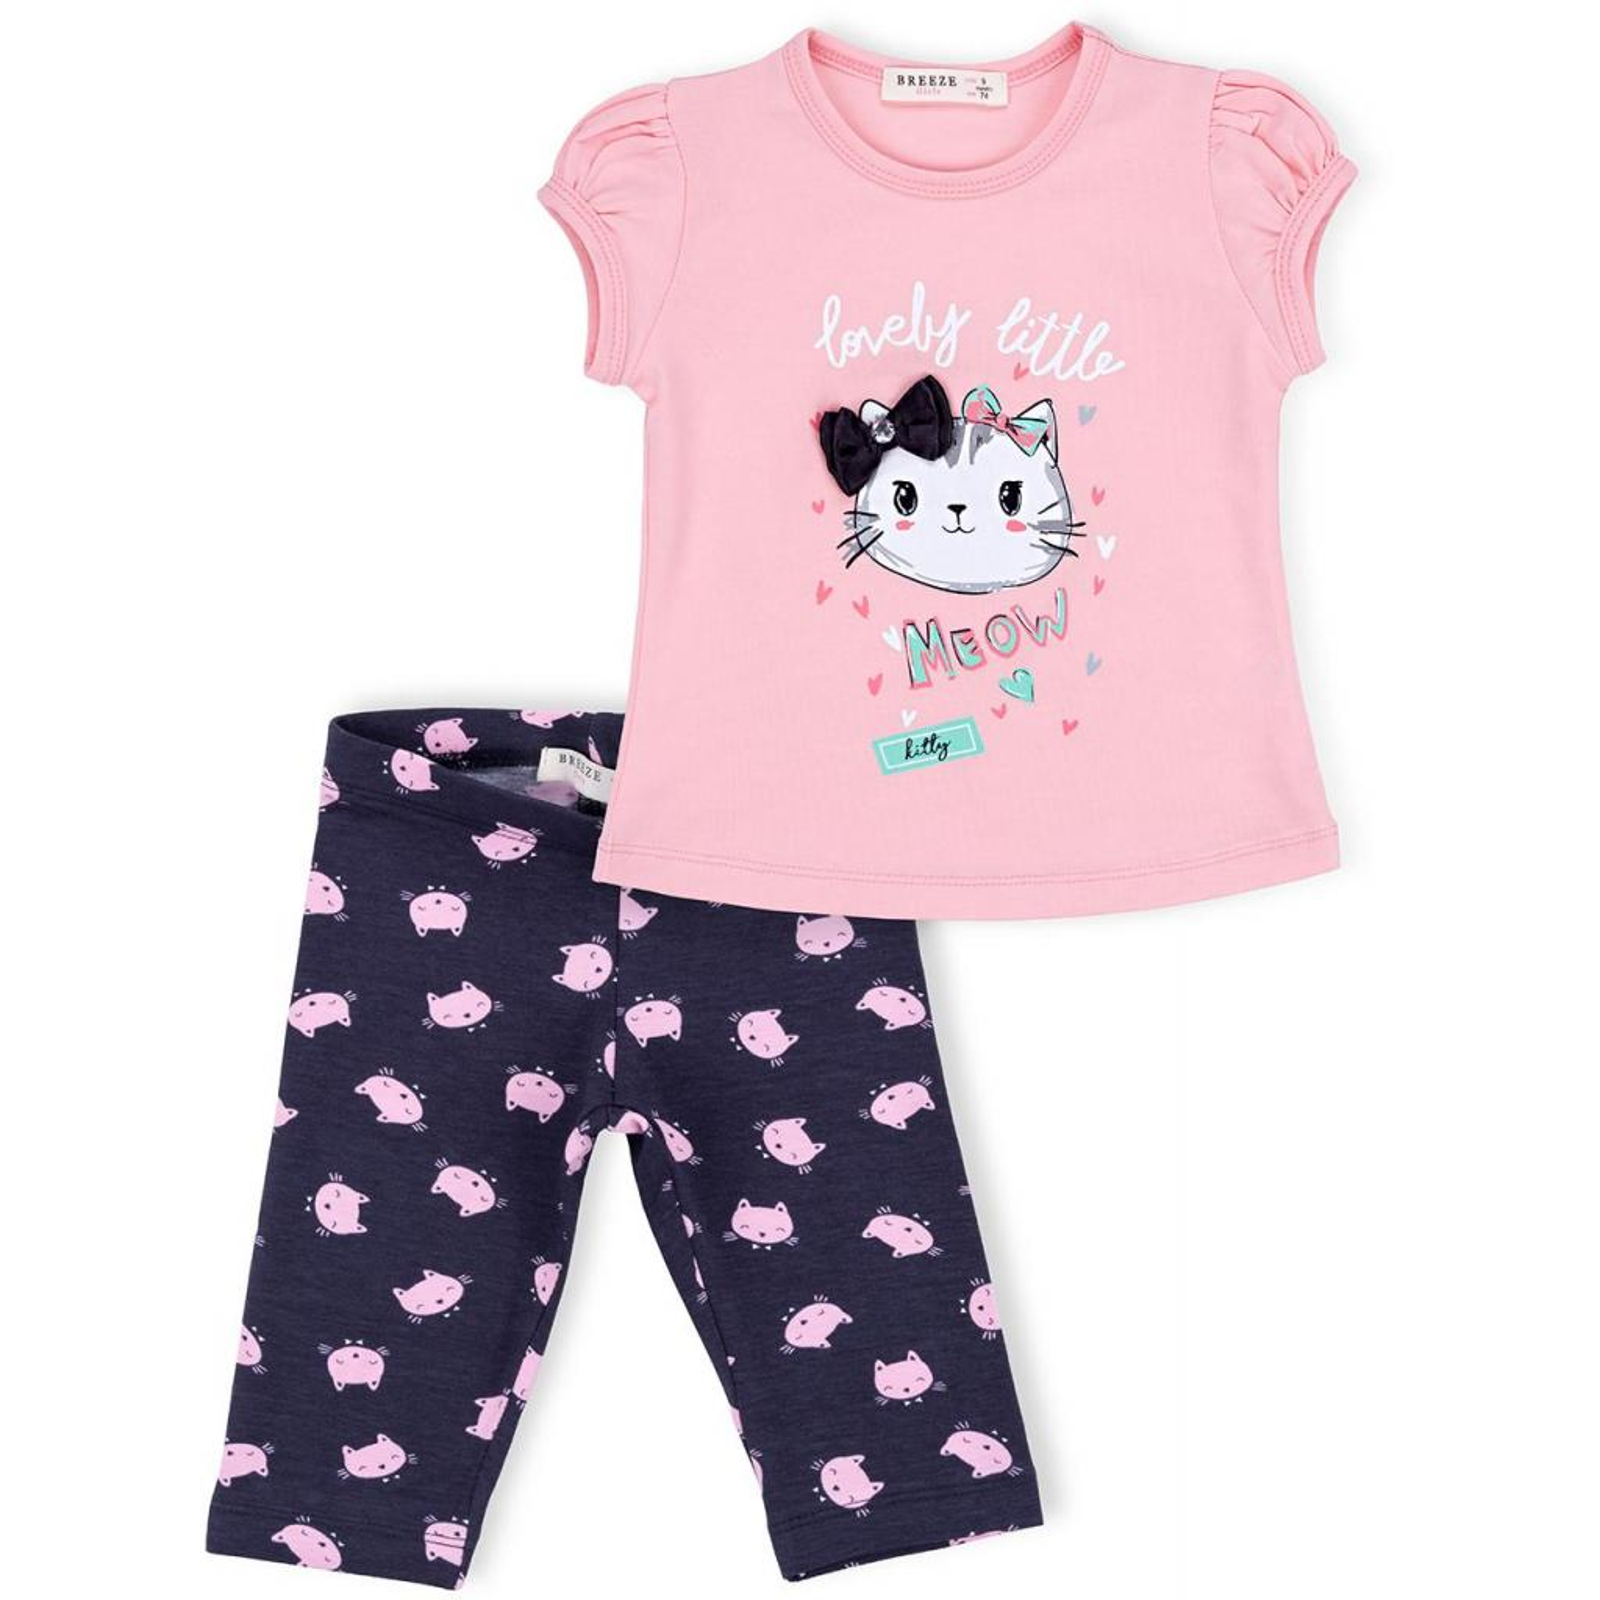 Набор детской одежды Breeze с котиками (7493-86G-pink)